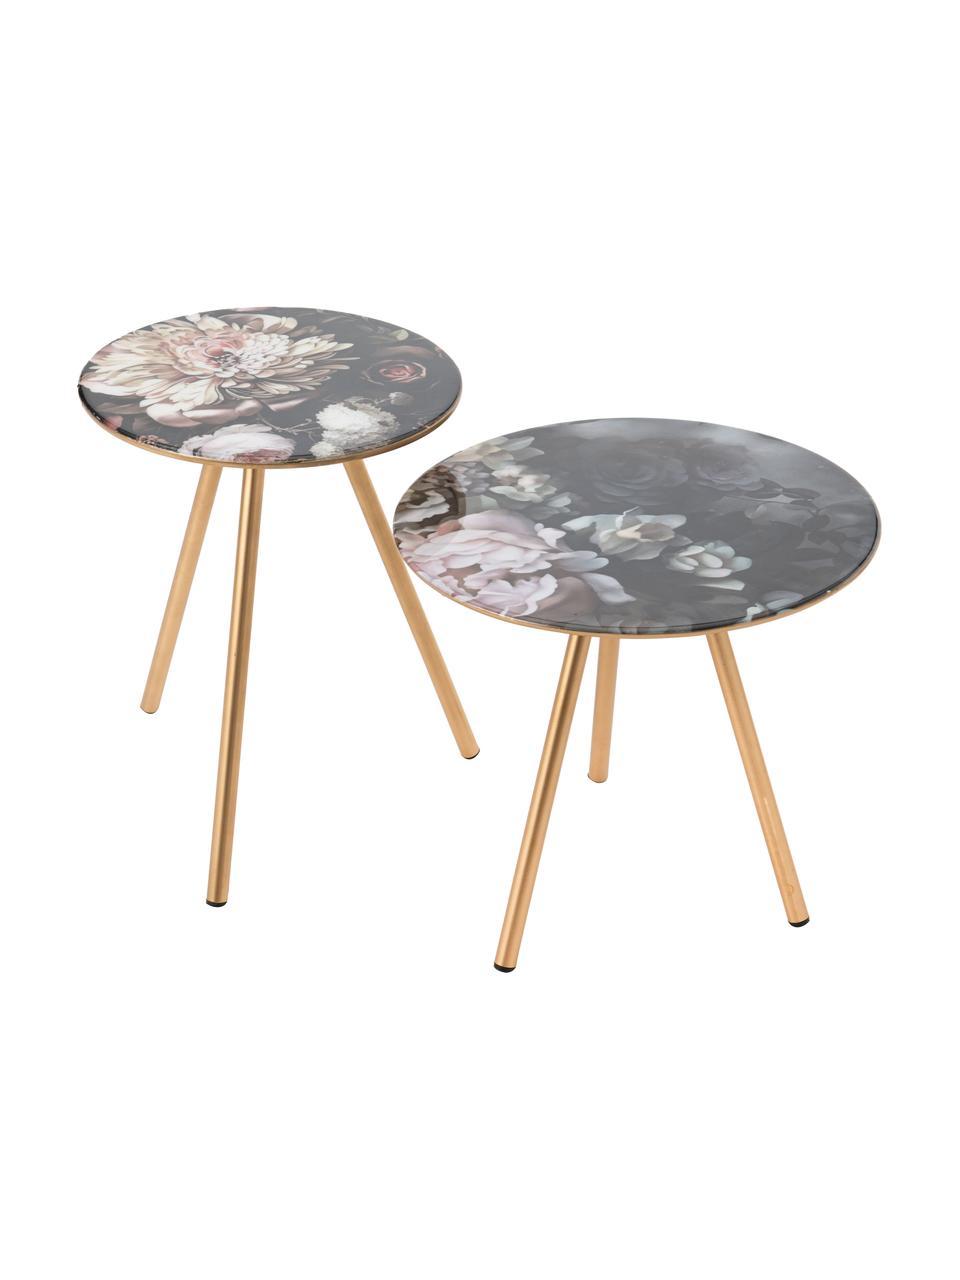 Tavolino con motivo floreale Rosa, Gambe: metallo, Nero, dorato, multicolore, Ø 35 x Alt. 38 cm